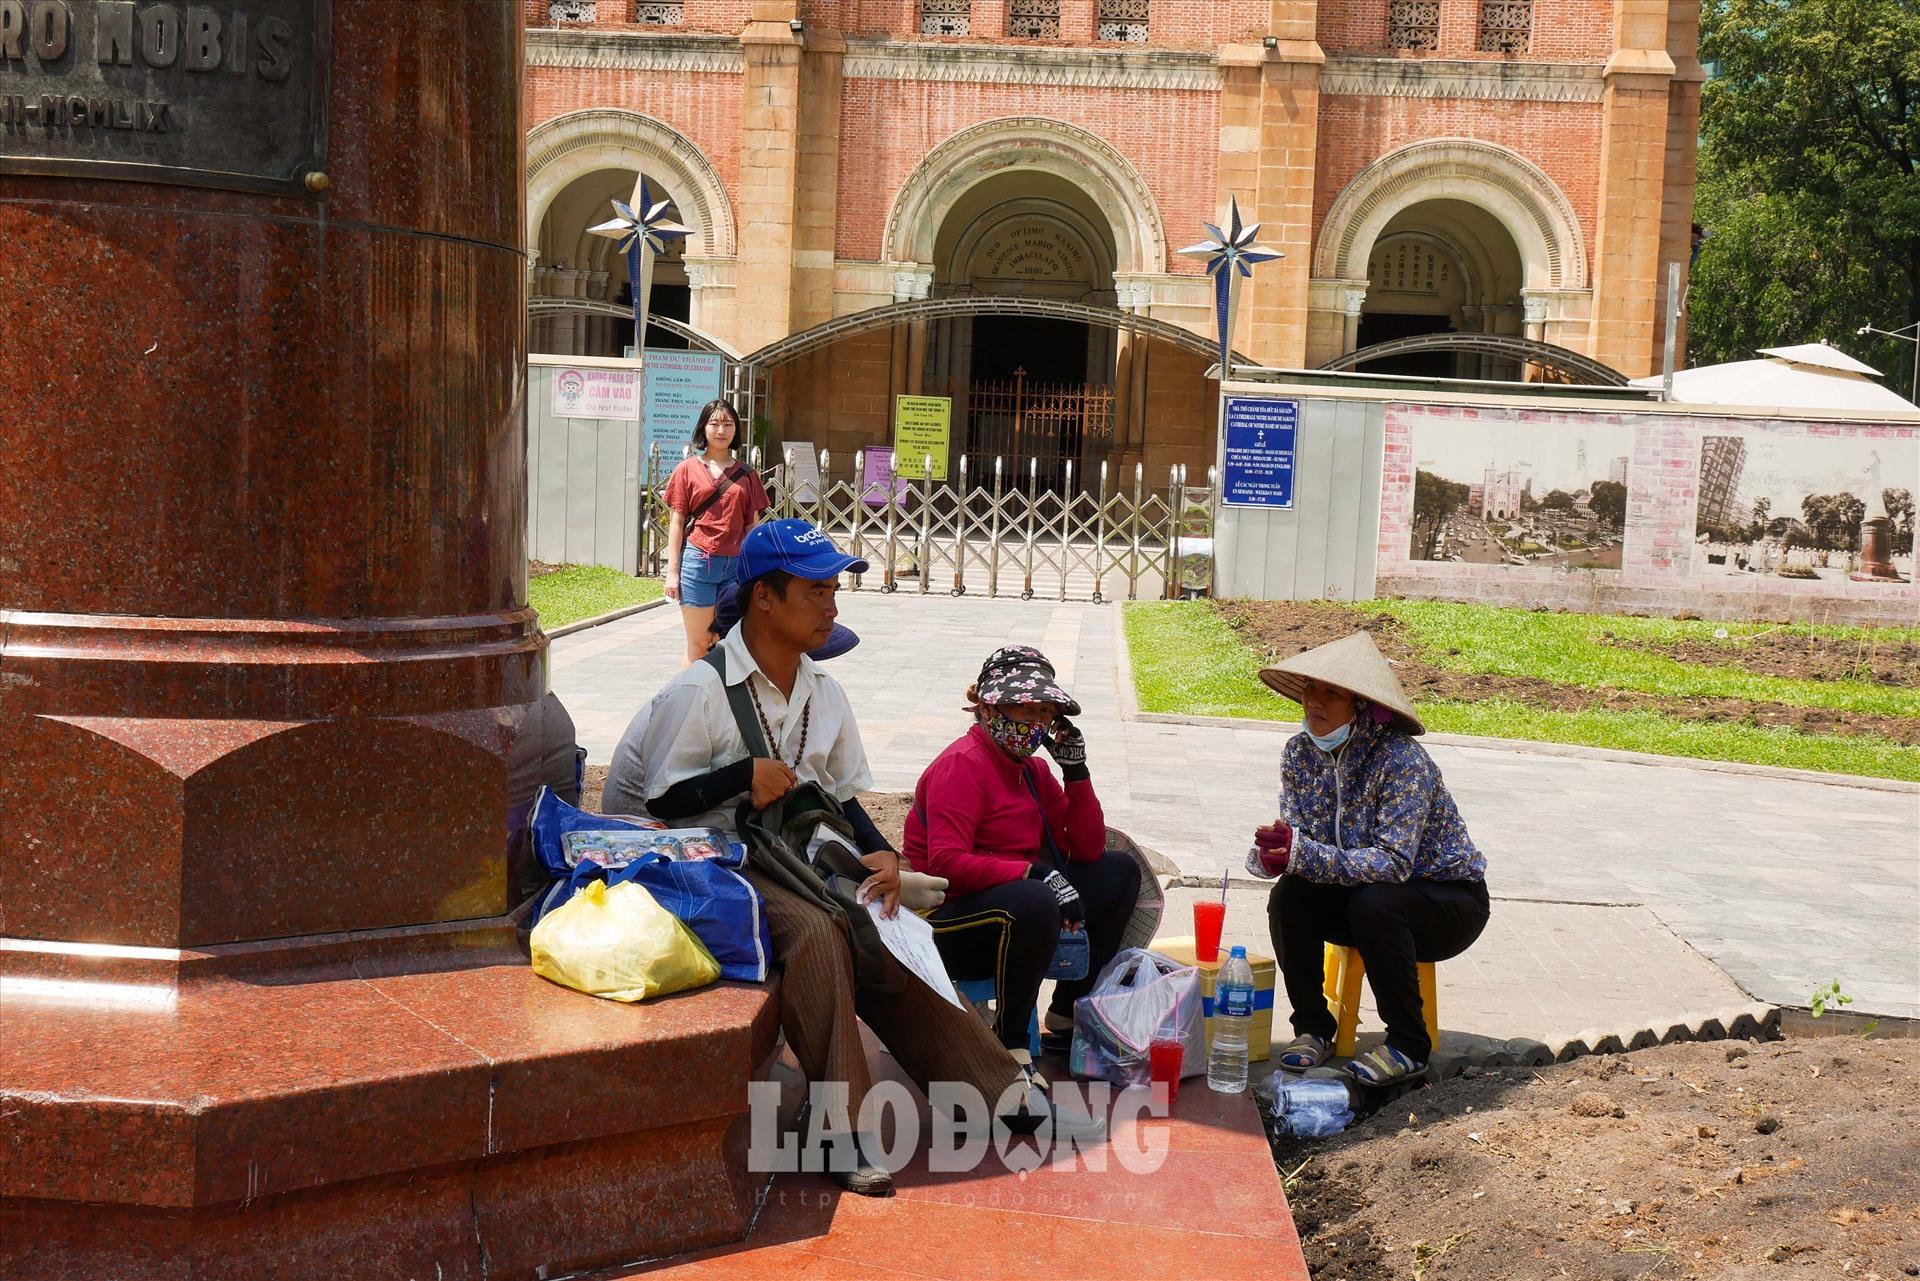 Những người bán nước gần bưu điện thành phố nép vào bóng râm tránh nắng.